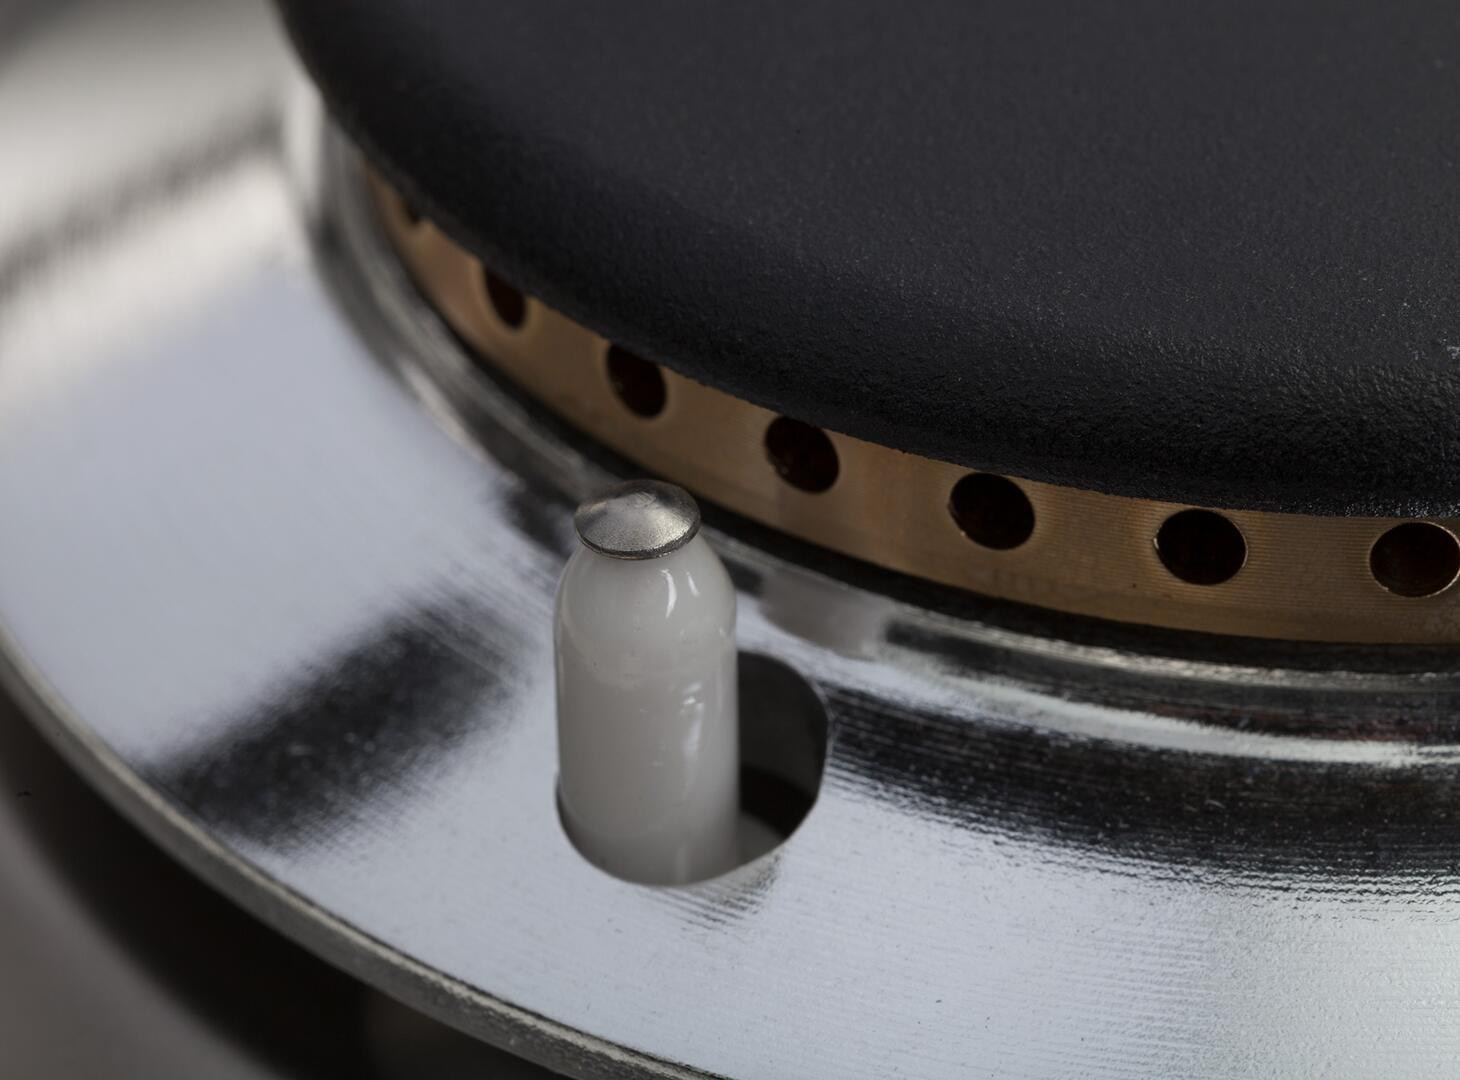 Ilve Nostalgie UPN90FDMPBL Freestanding Dual Fuel Range Blue, Burner Details View